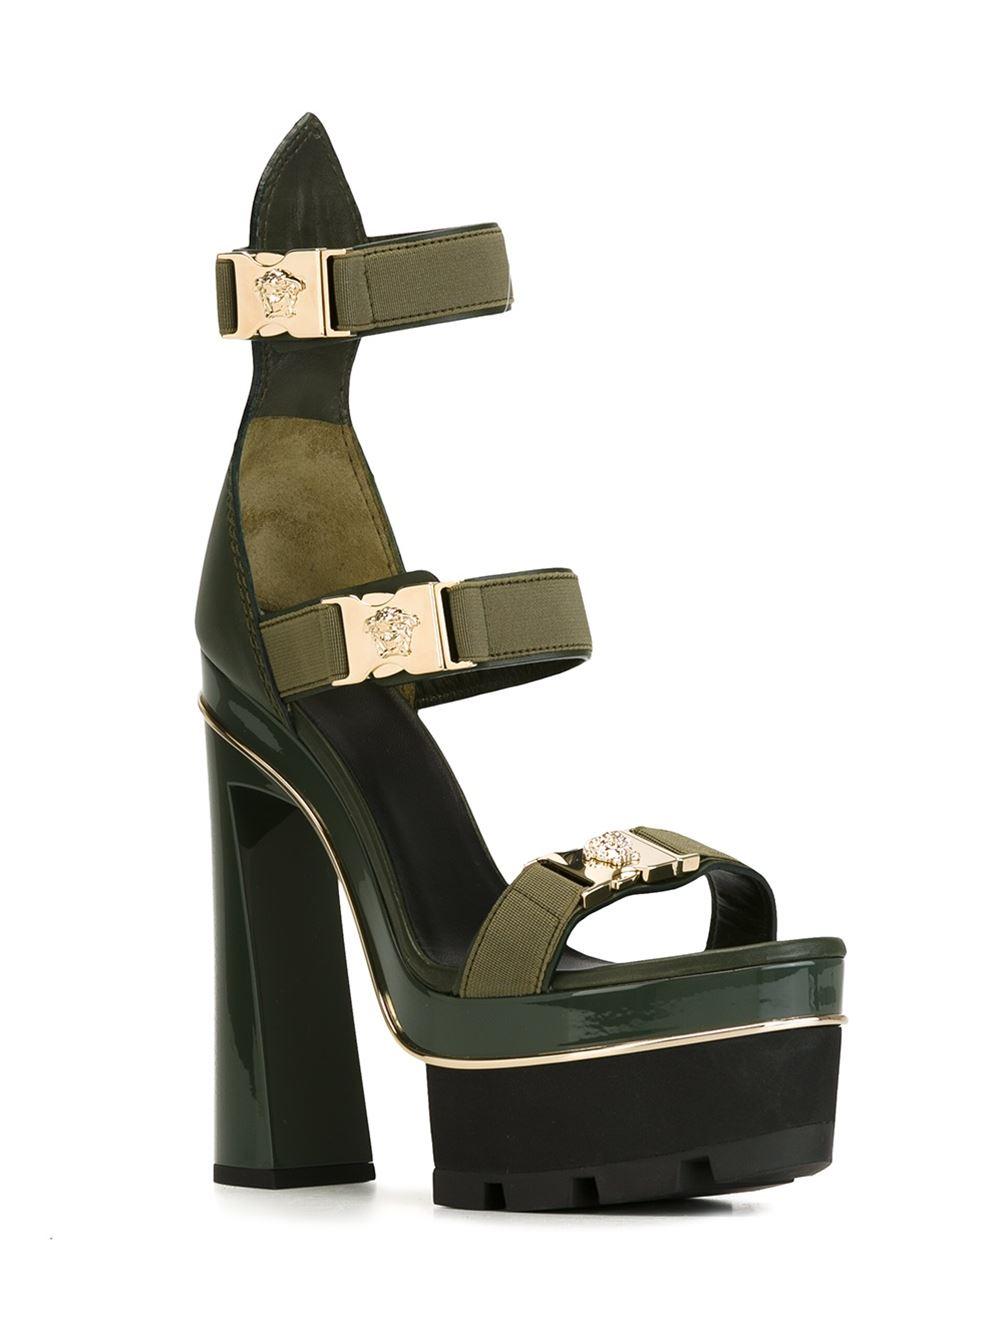 a1dadb1b1e99 Versace Medusa Tri-strap Platform Sandals - Stefania Mode - Farfetch ...